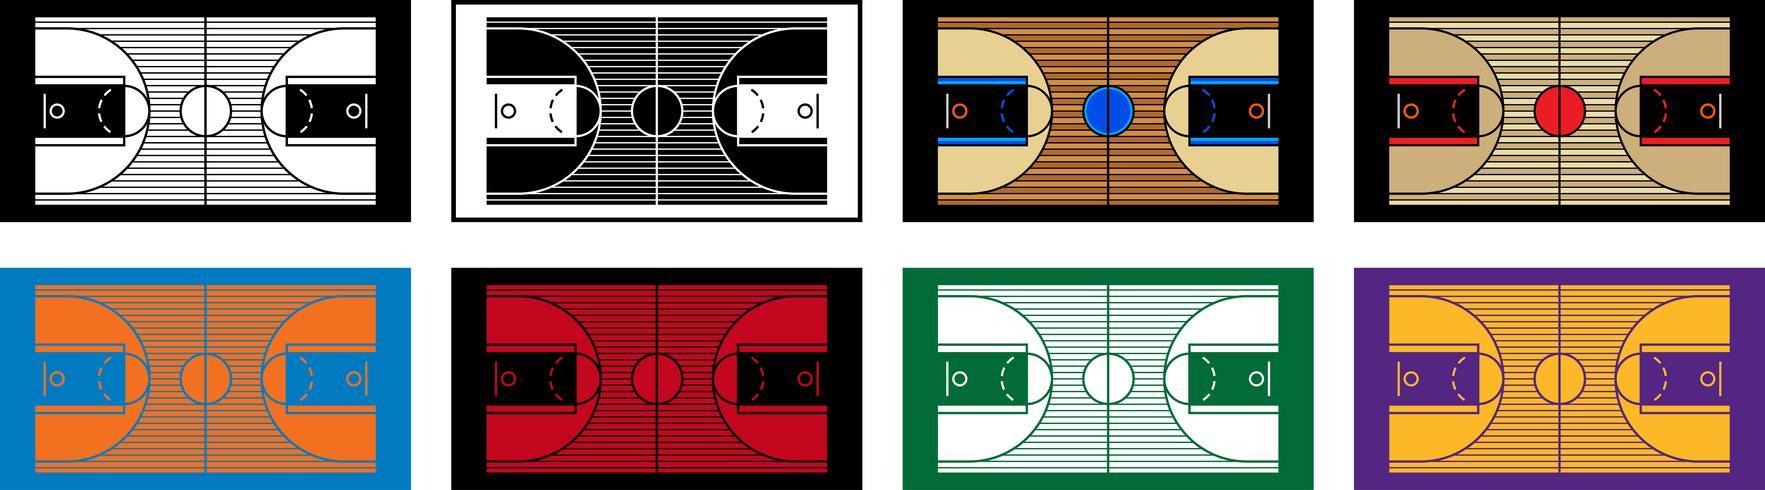 Ilustração em vetor de uma quadra de basquete de madeira